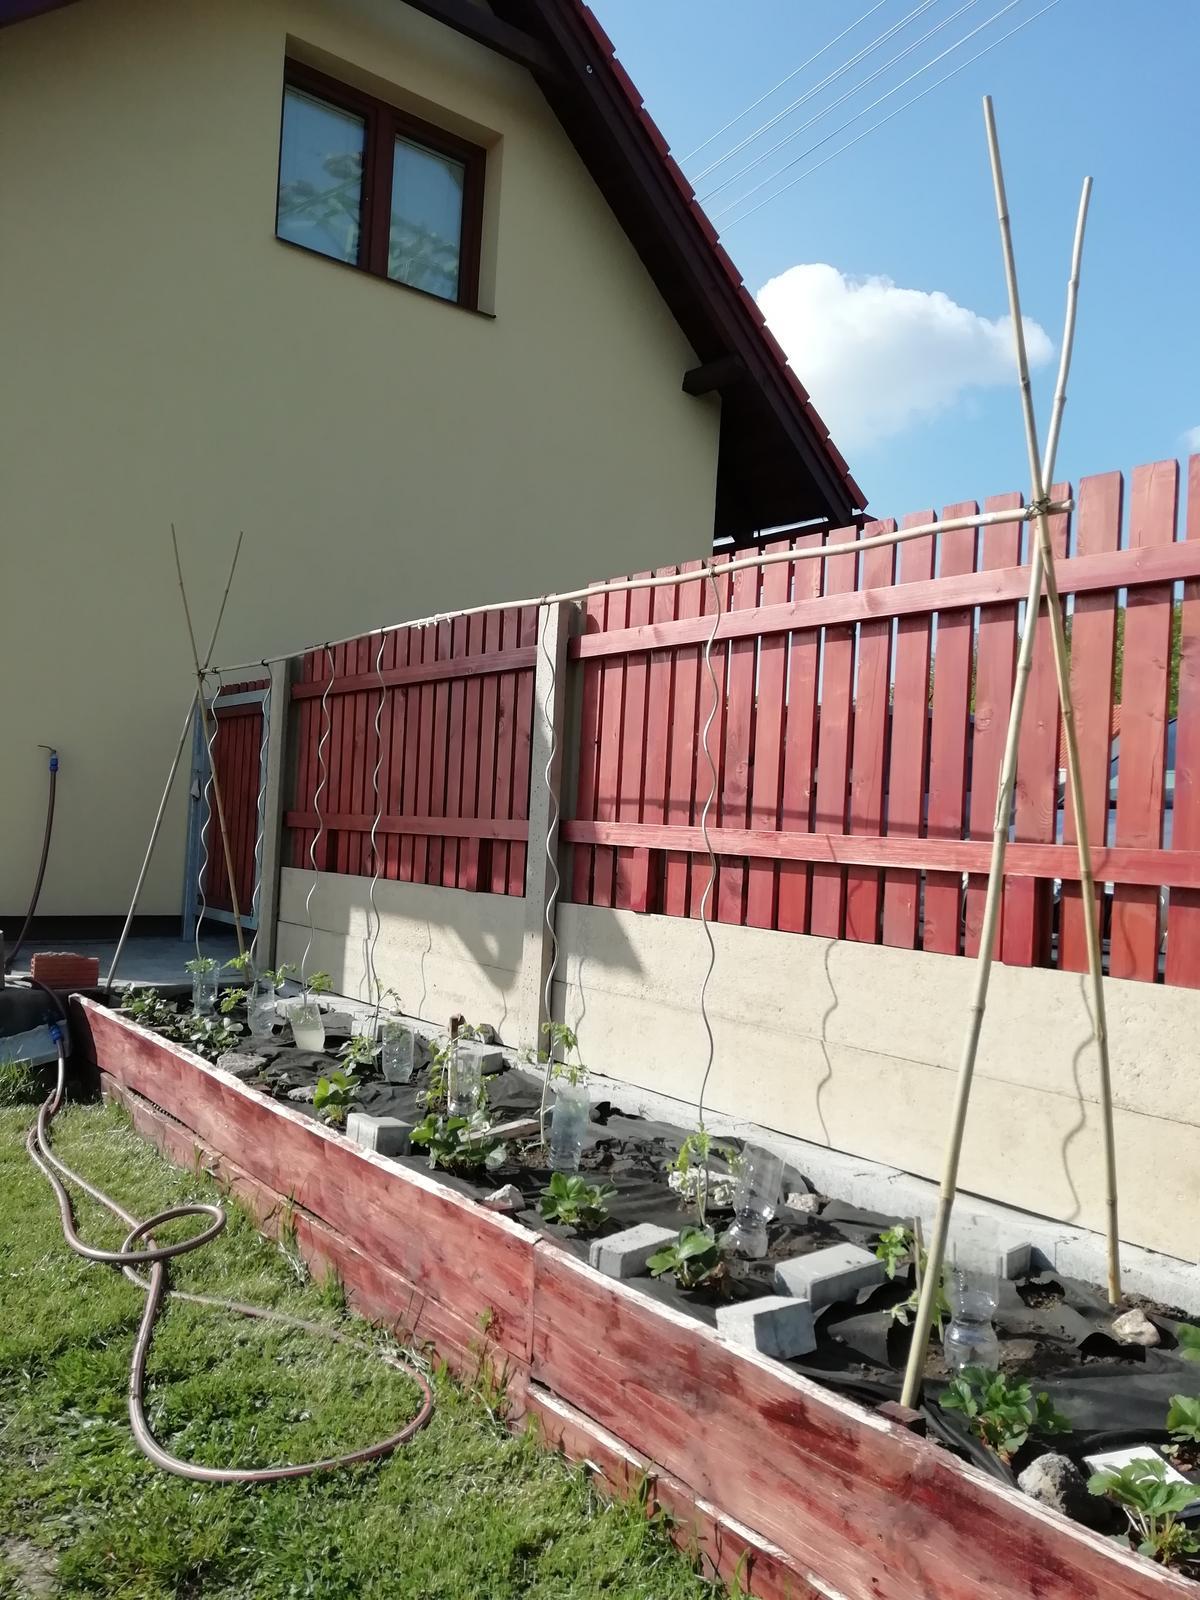 Venku (tam kde už to nevypadá jako staveniště) - Rajčata a jahody